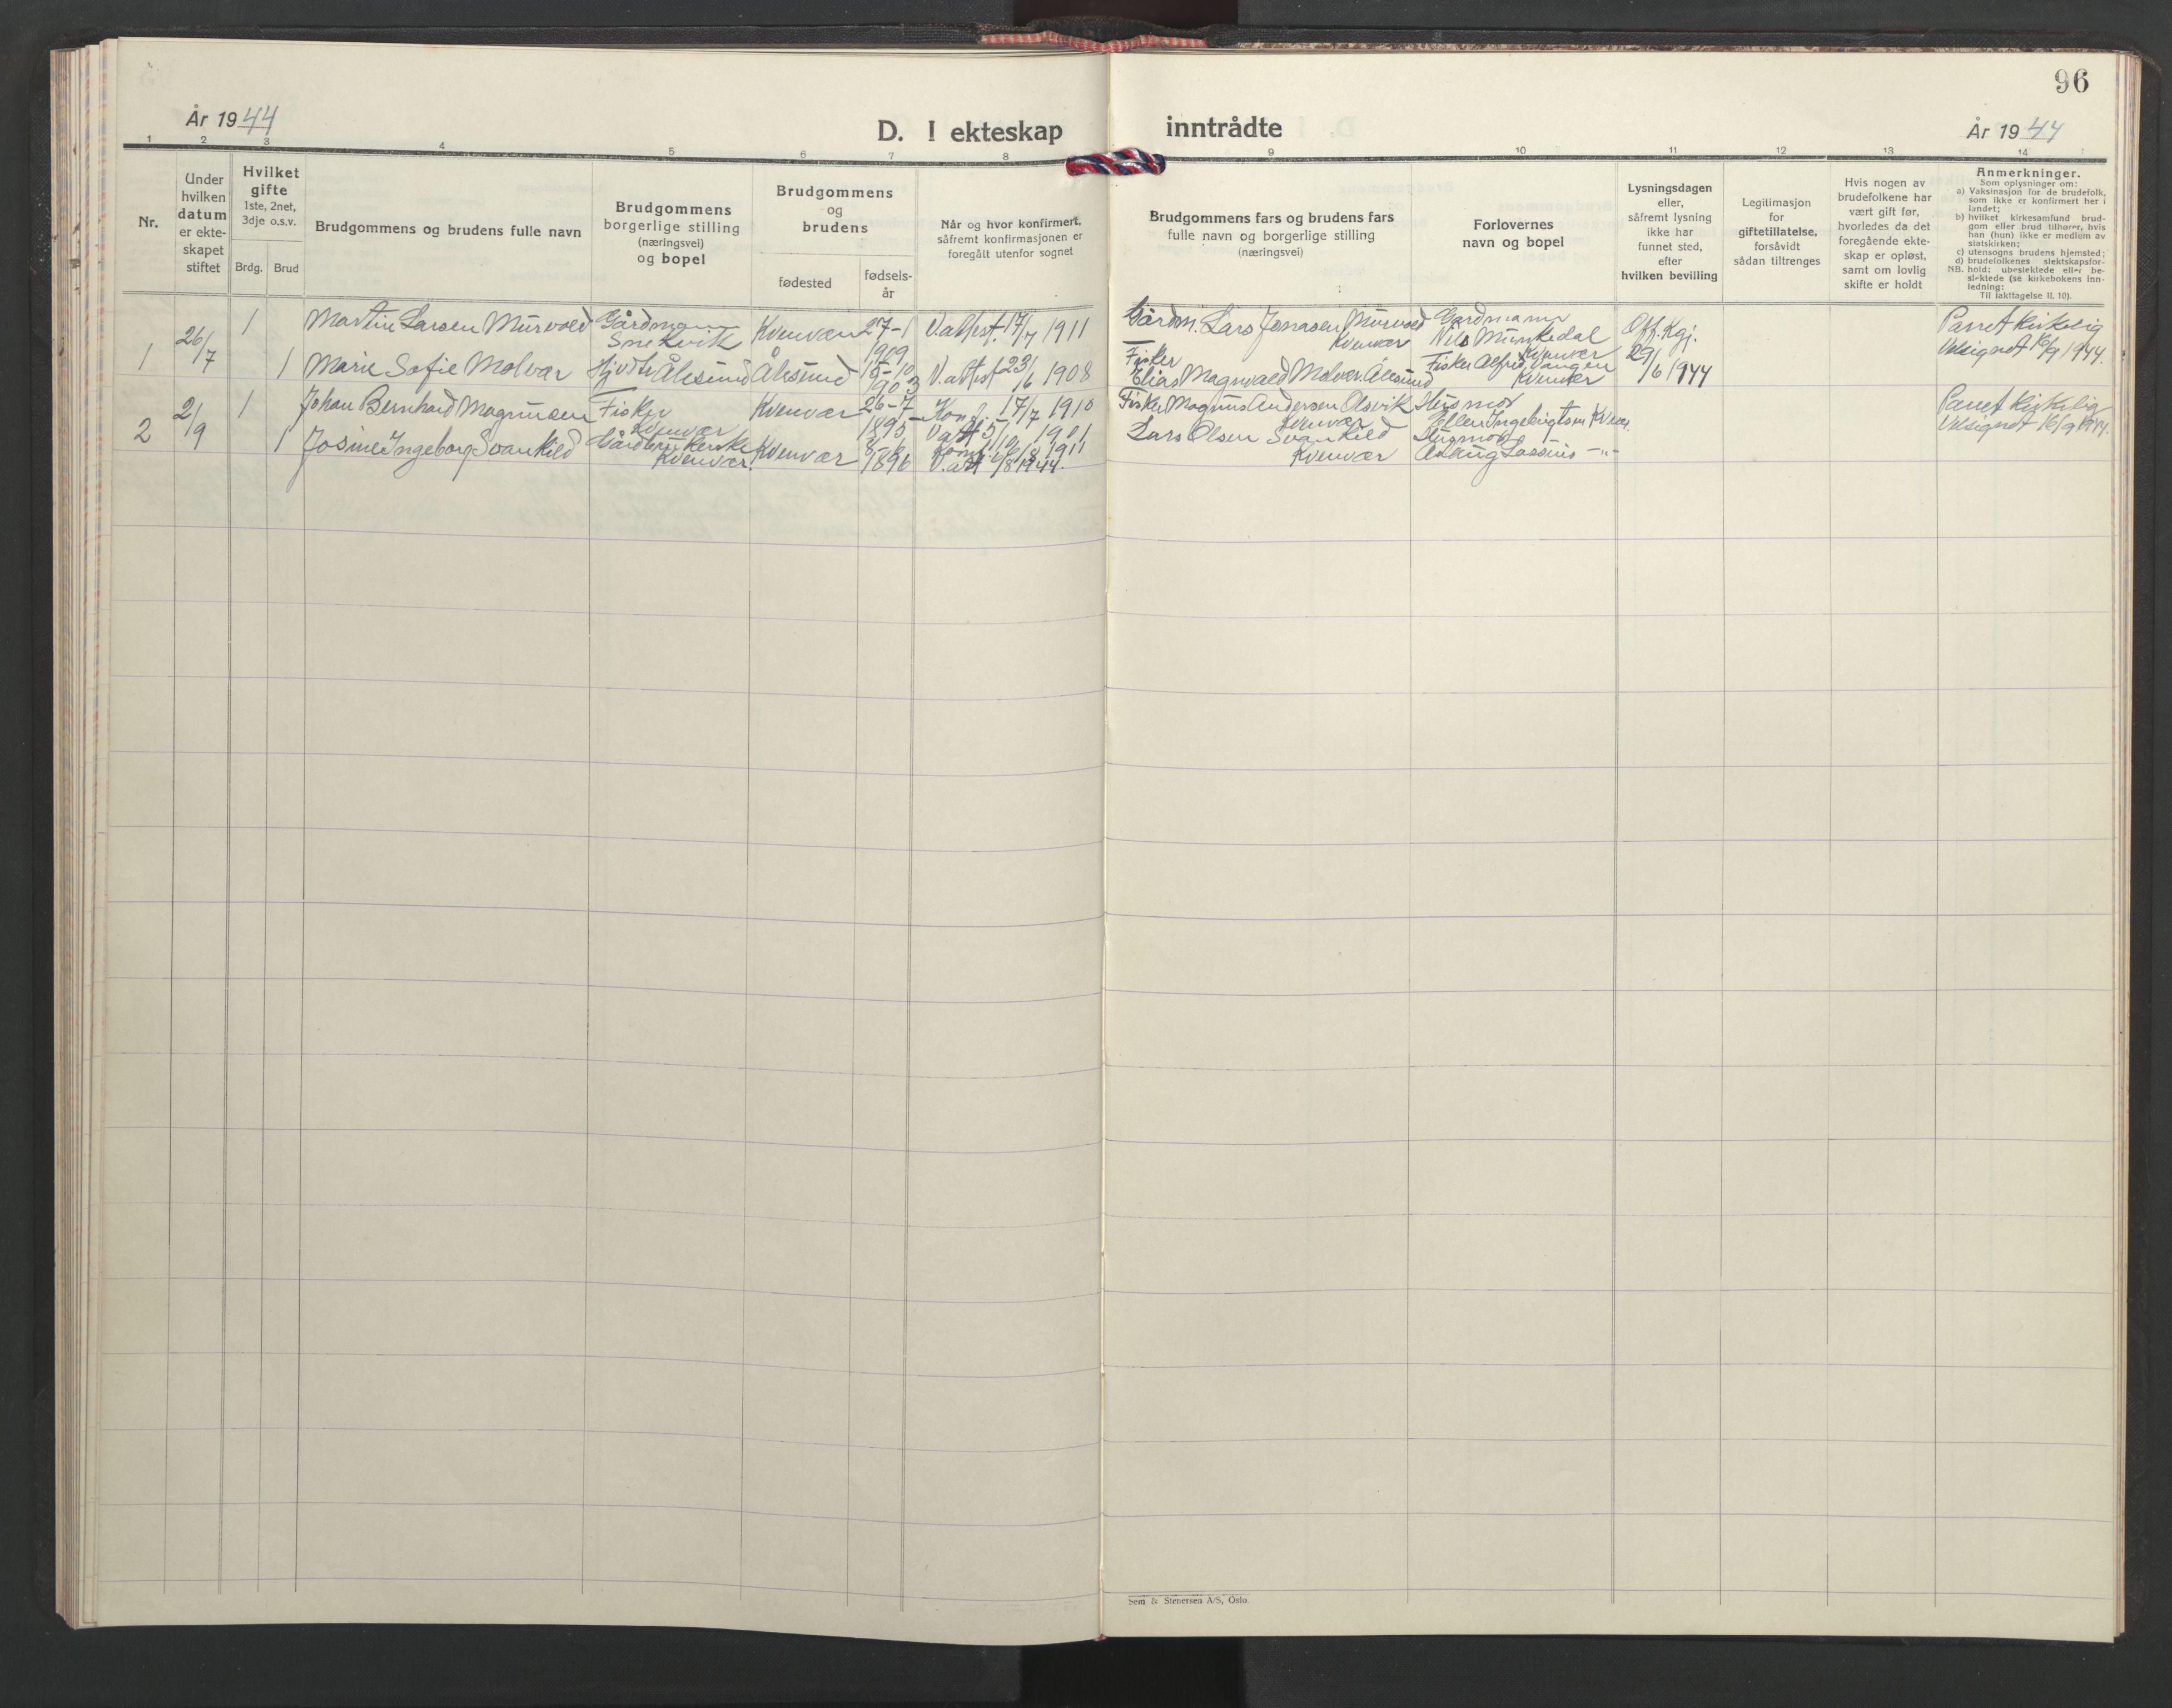 SAT, Ministerialprotokoller, klokkerbøker og fødselsregistre - Sør-Trøndelag, 635/L0556: Klokkerbok nr. 635C04, 1943-1945, s. 96